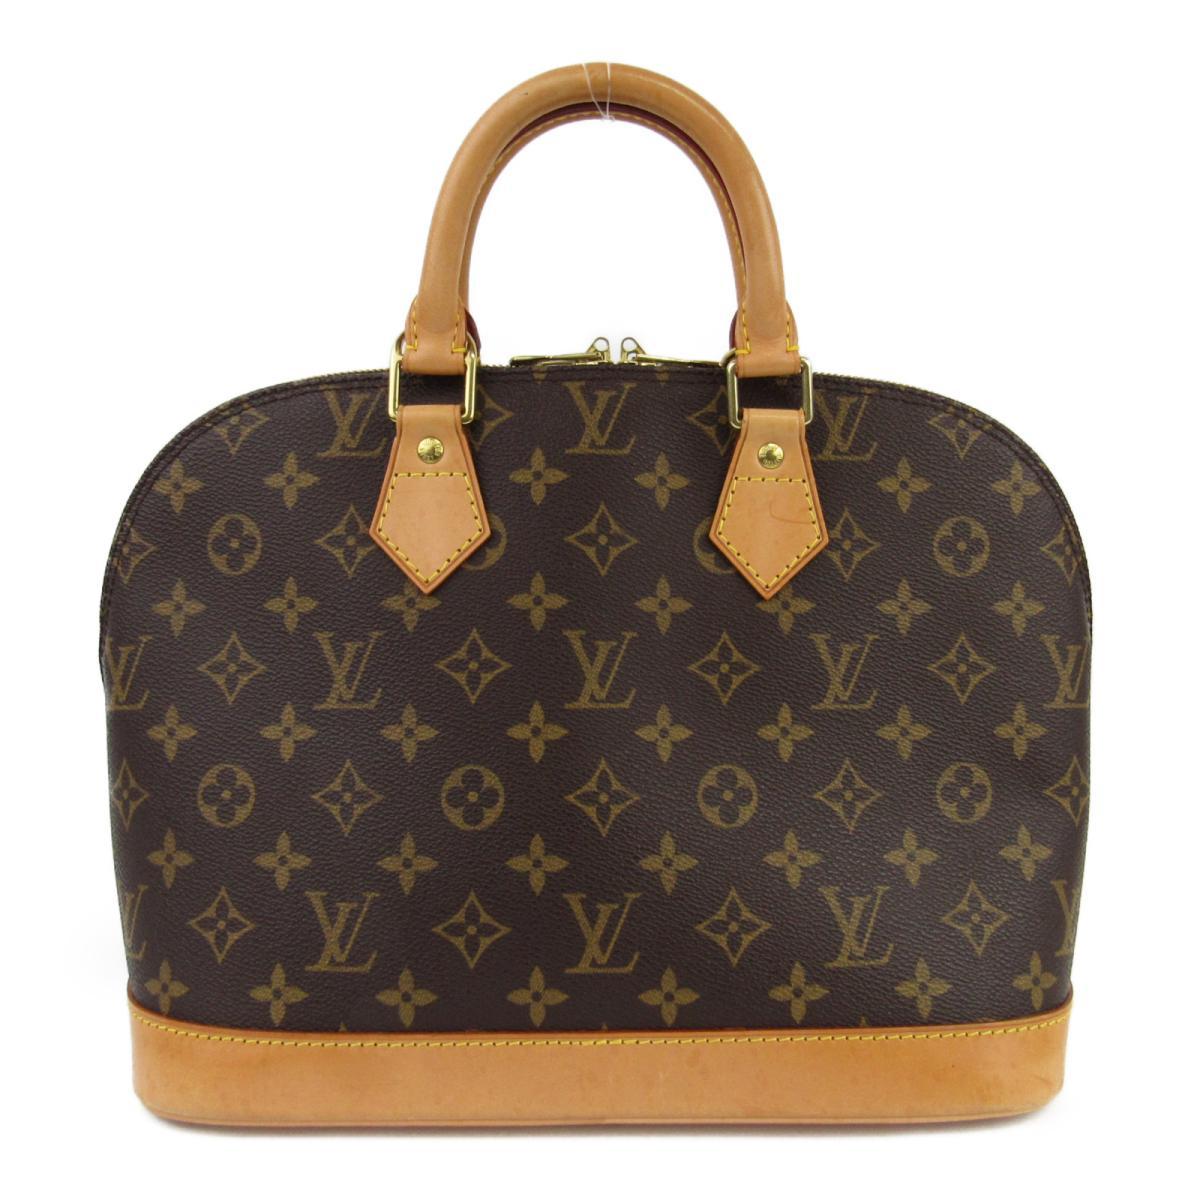 【中古】 ルイヴィトン アルマ ハンドバッグ レディース モノグラム (M51130)   LOUIS VUITTON ヴィトン ビトン ルイ・ヴィトン ハンドバック バッグ バック BAG カバン 鞄 ブランドバッグ ブランドバック 美品 ブランドオフ